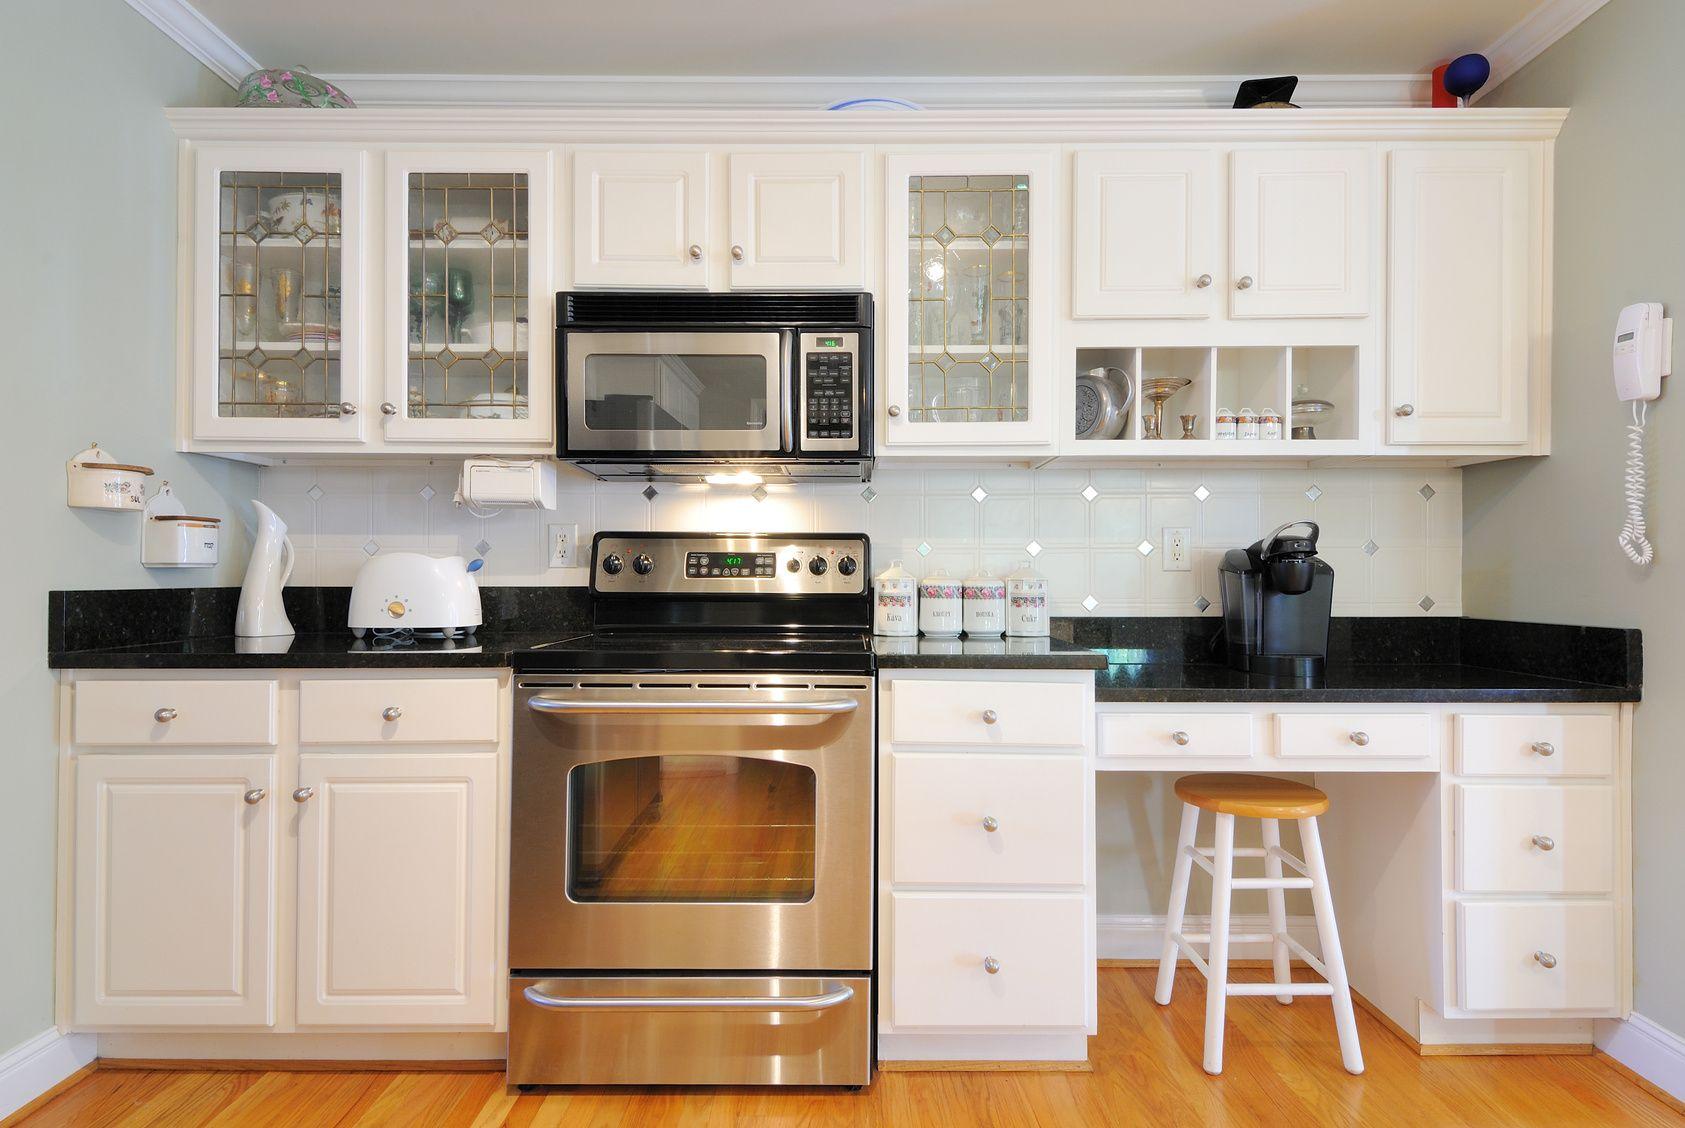 Einzeilige Küche moderne einzeilige küche im landhausstil landhaus küchen